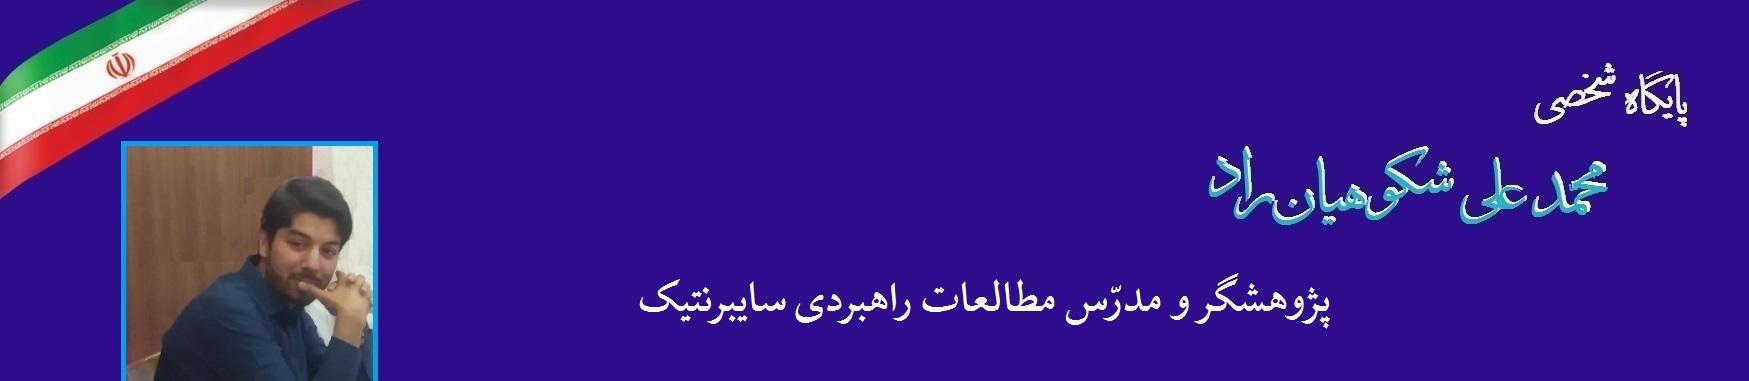 پایگاه شخصی محمد علی شکوهیانراد